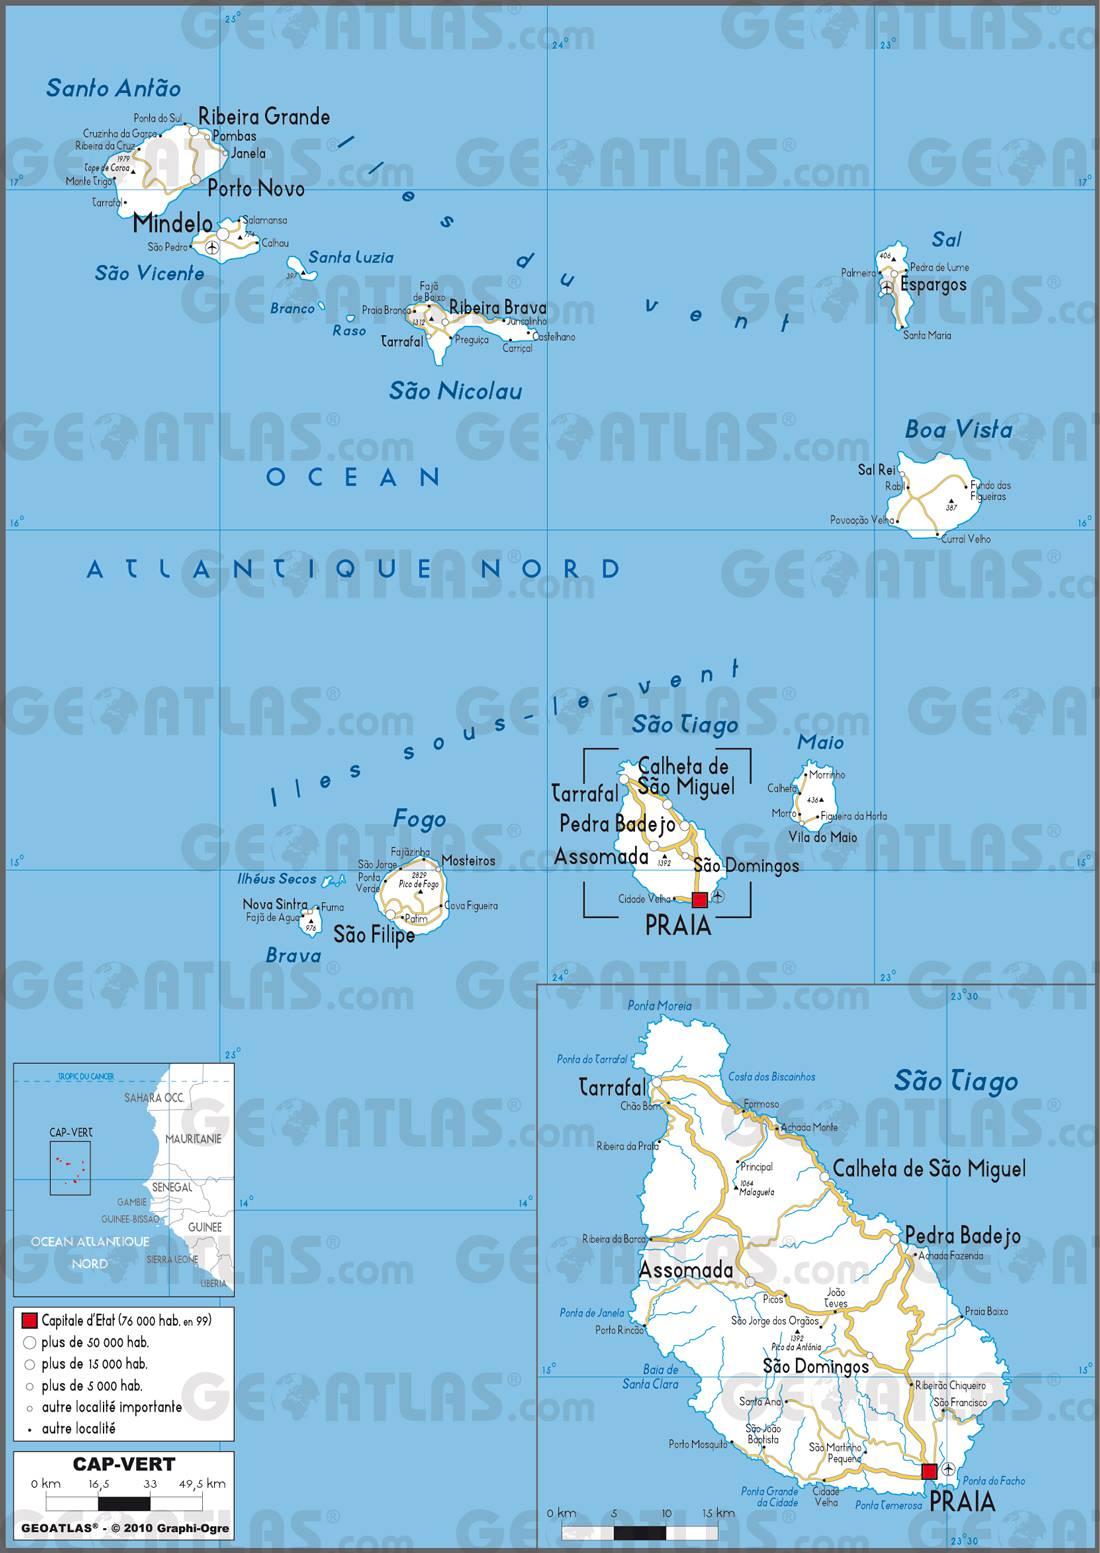 Carte routière du Cap-Vert